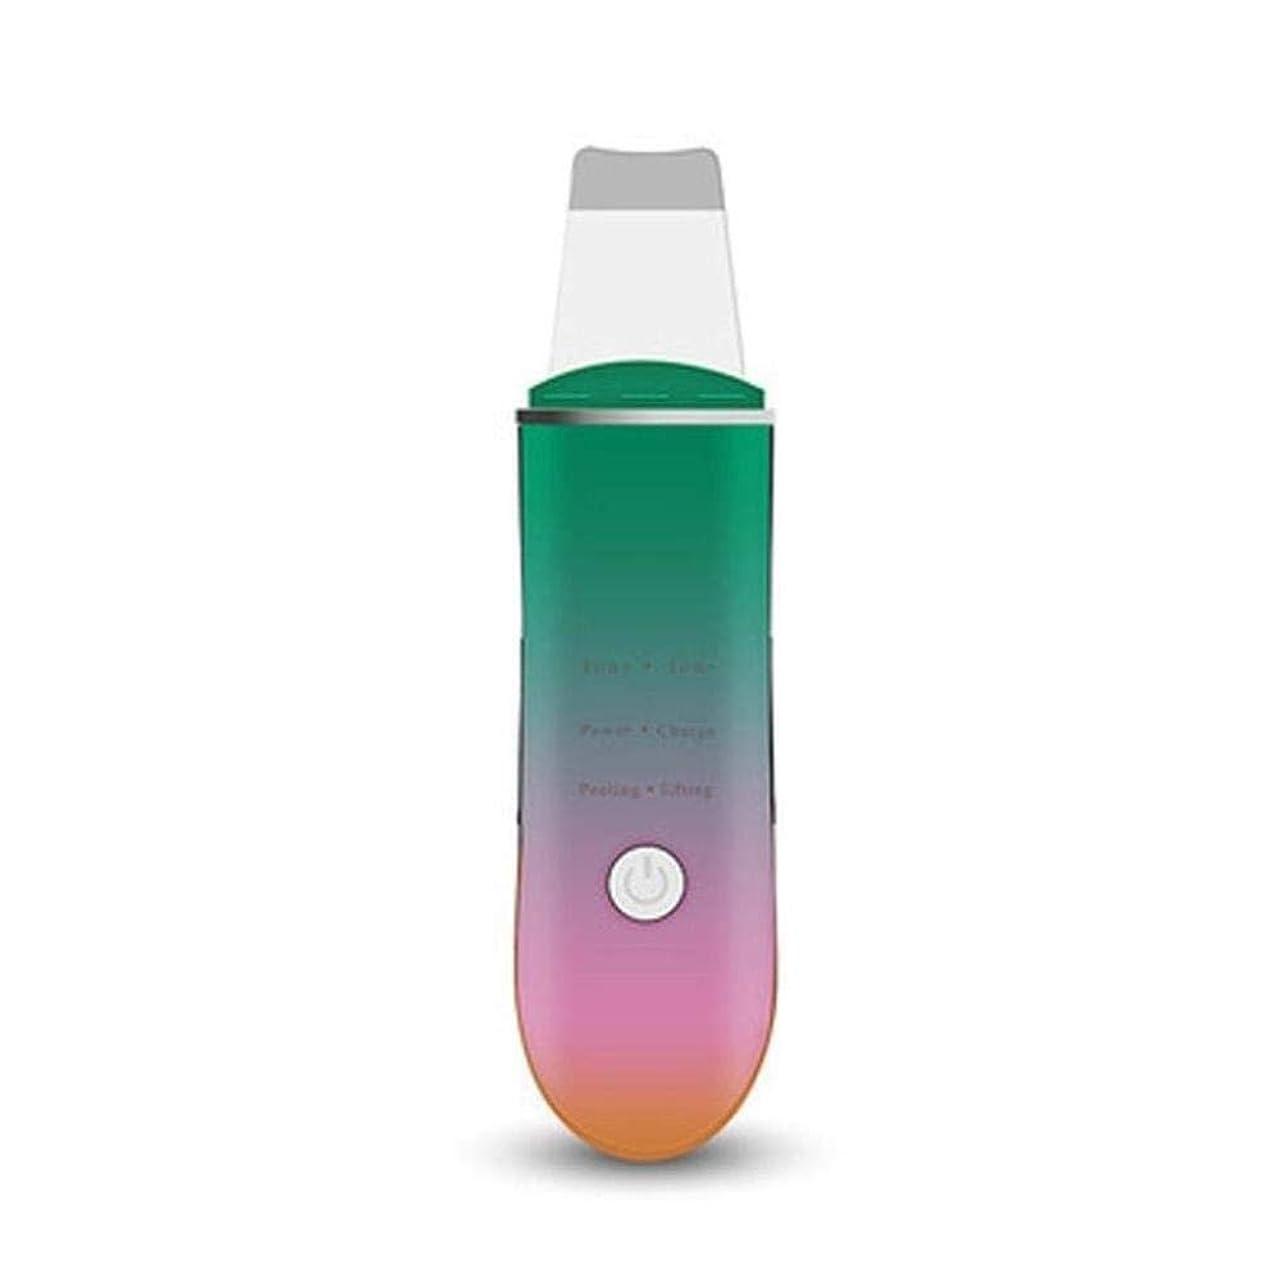 永遠のマークダウンこれまで黒ずみを除去するためのフェイシャルスキンスクラバーポータブル超音波フェイススクラバースキンケア剥離しわ除去機クリーナーフェイシャルビューティーデバイス (Color : A1)